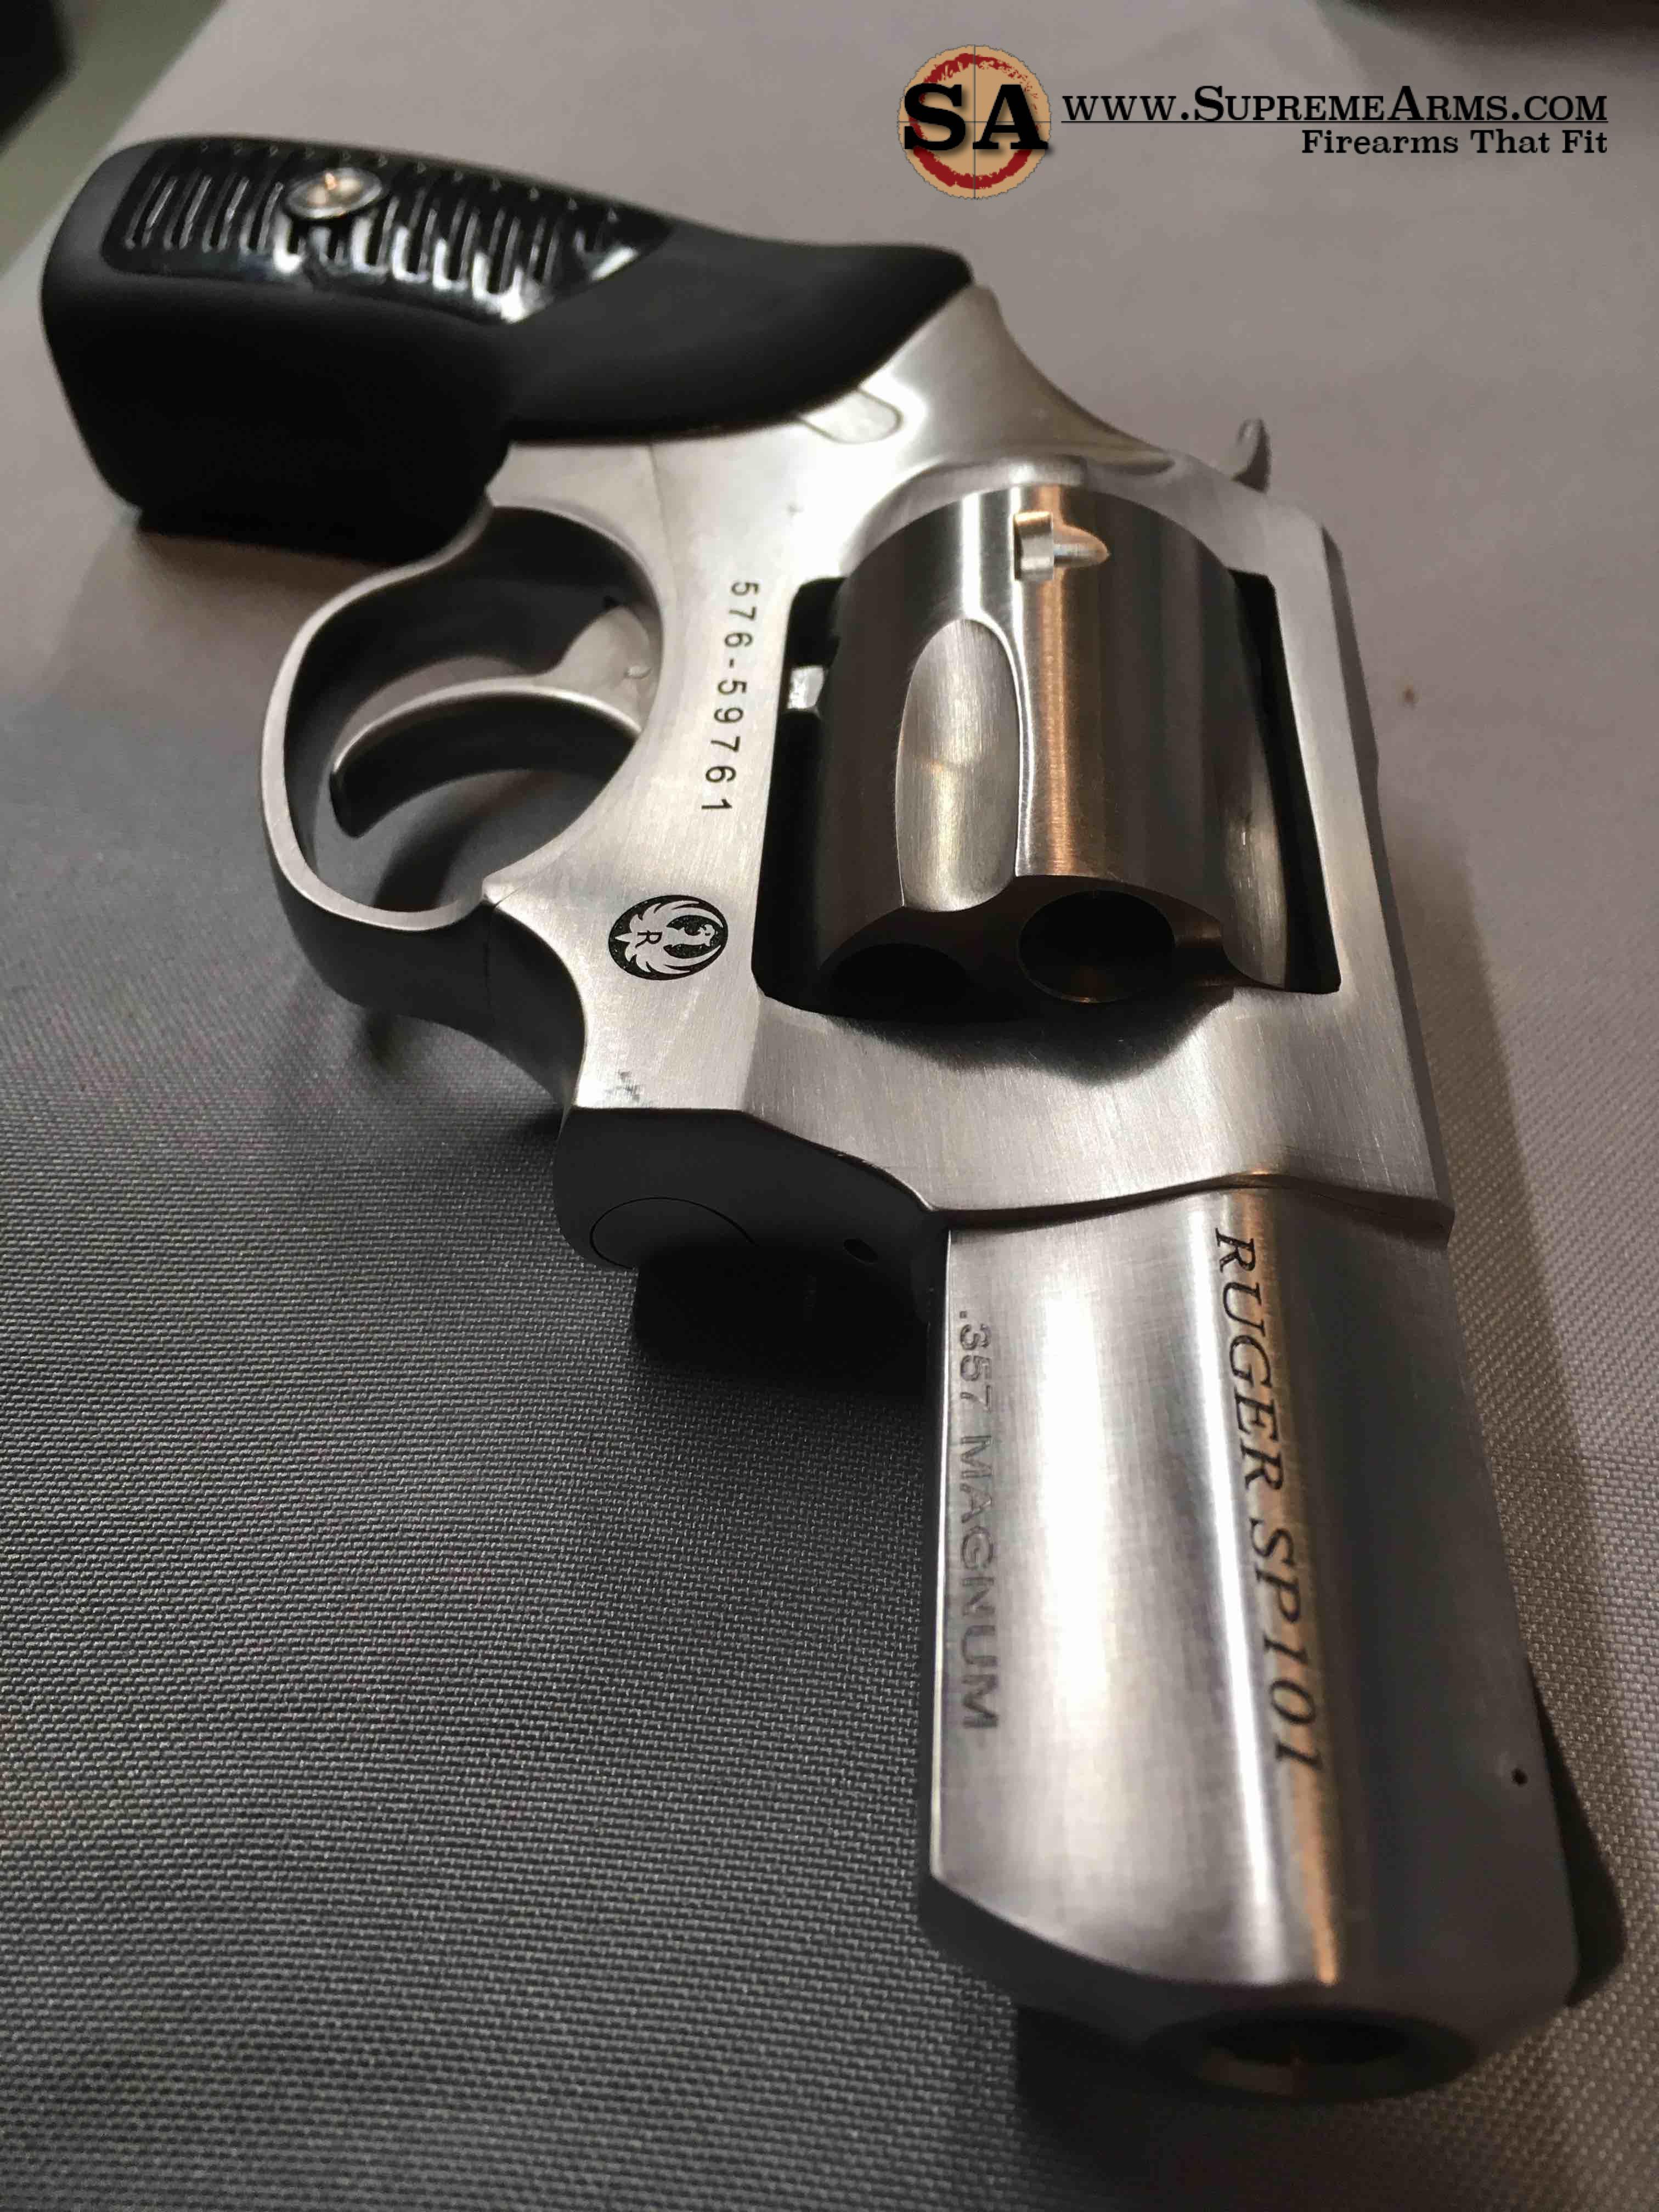 Ruger SP101 5718 357 Magnum